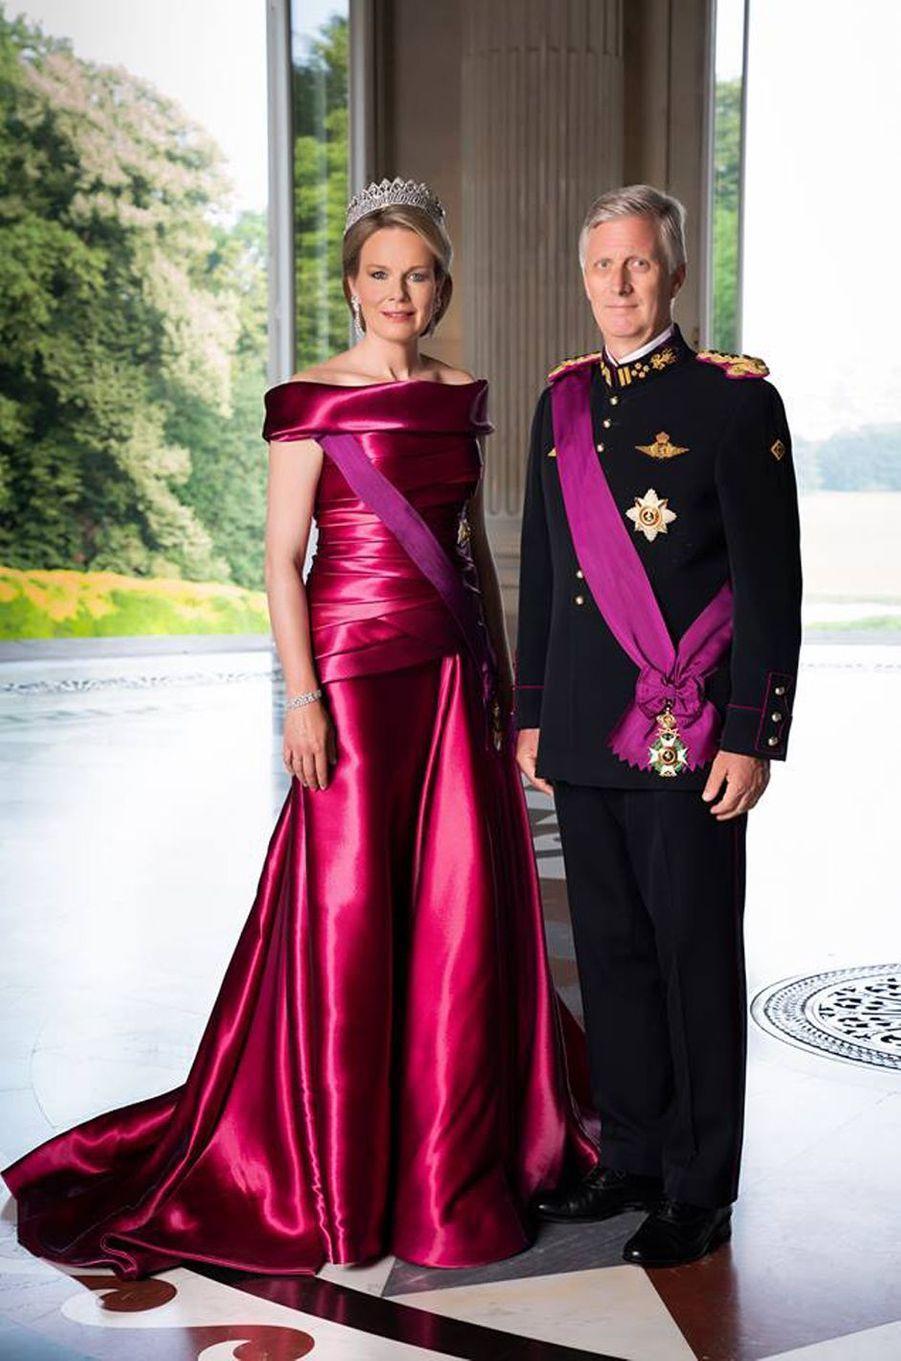 Nouveau portrait officiel de la reine des Belges Mathilde et du roi des Belges Philippe, dévoilé le 15 novembre 2018